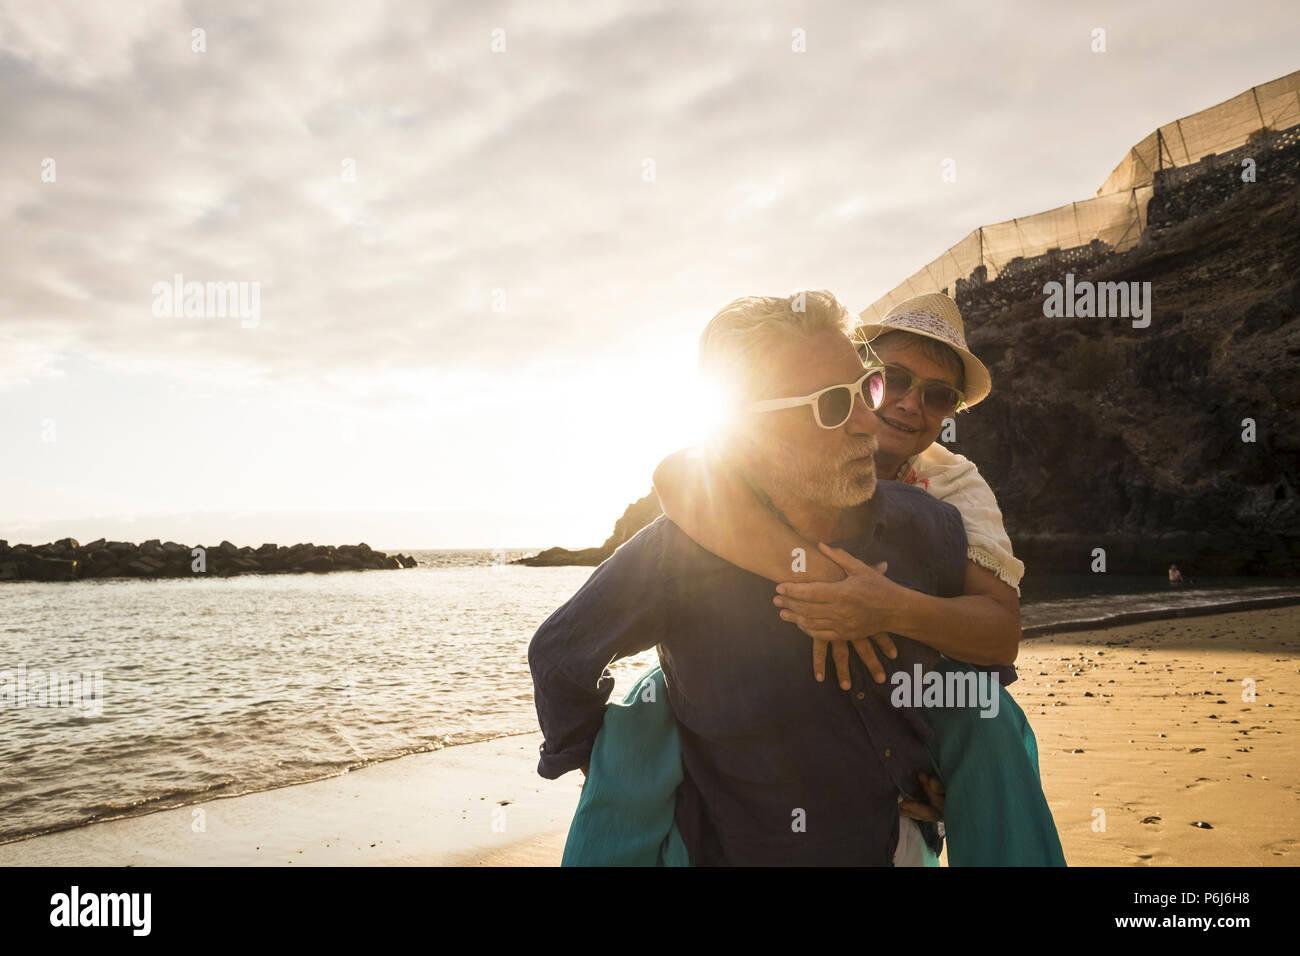 Gerne älterer Erwachsener kaukasischen verliebtes Paar. Der Mann auf seinem Rücken die schöne Frau und beide Lächeln. affektive und für immer zusammen leben anhand von quantitativen Simulatio durchführen Stockbild